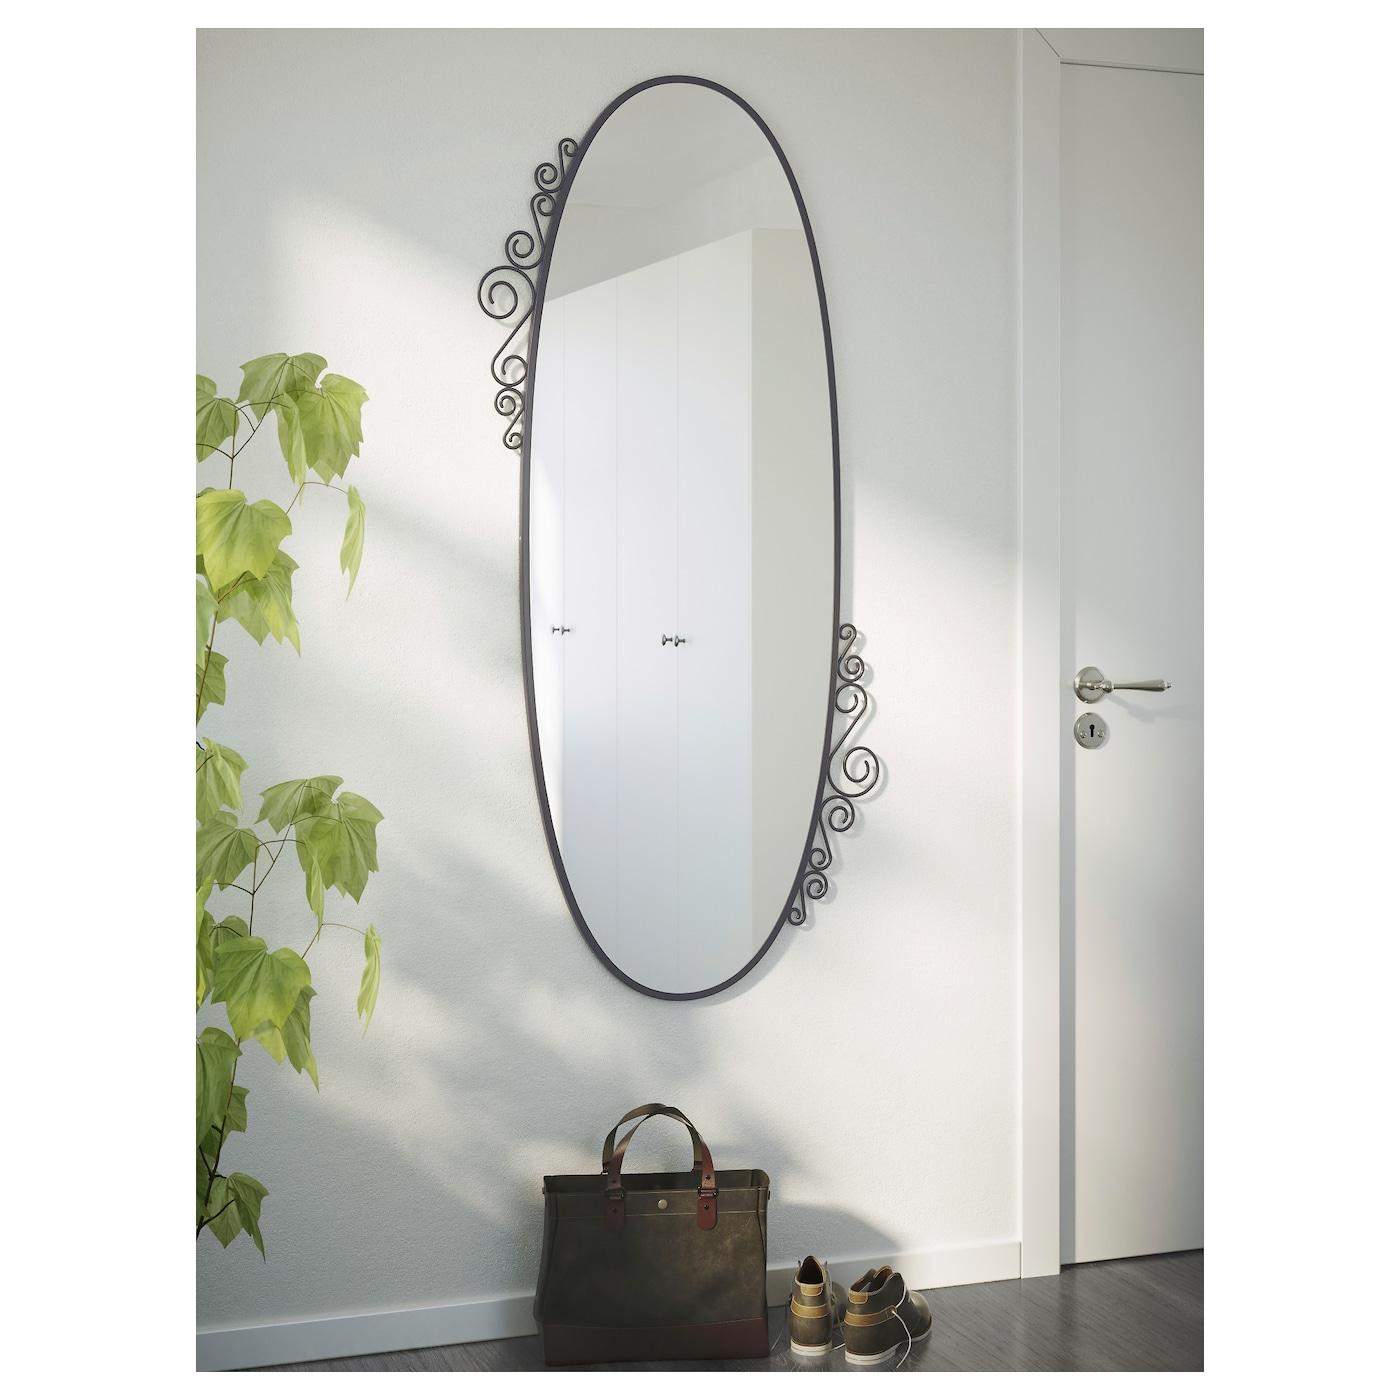 Ekne miroir ovale 70 x 150 cm ikea - Specchio ovale ikea ...